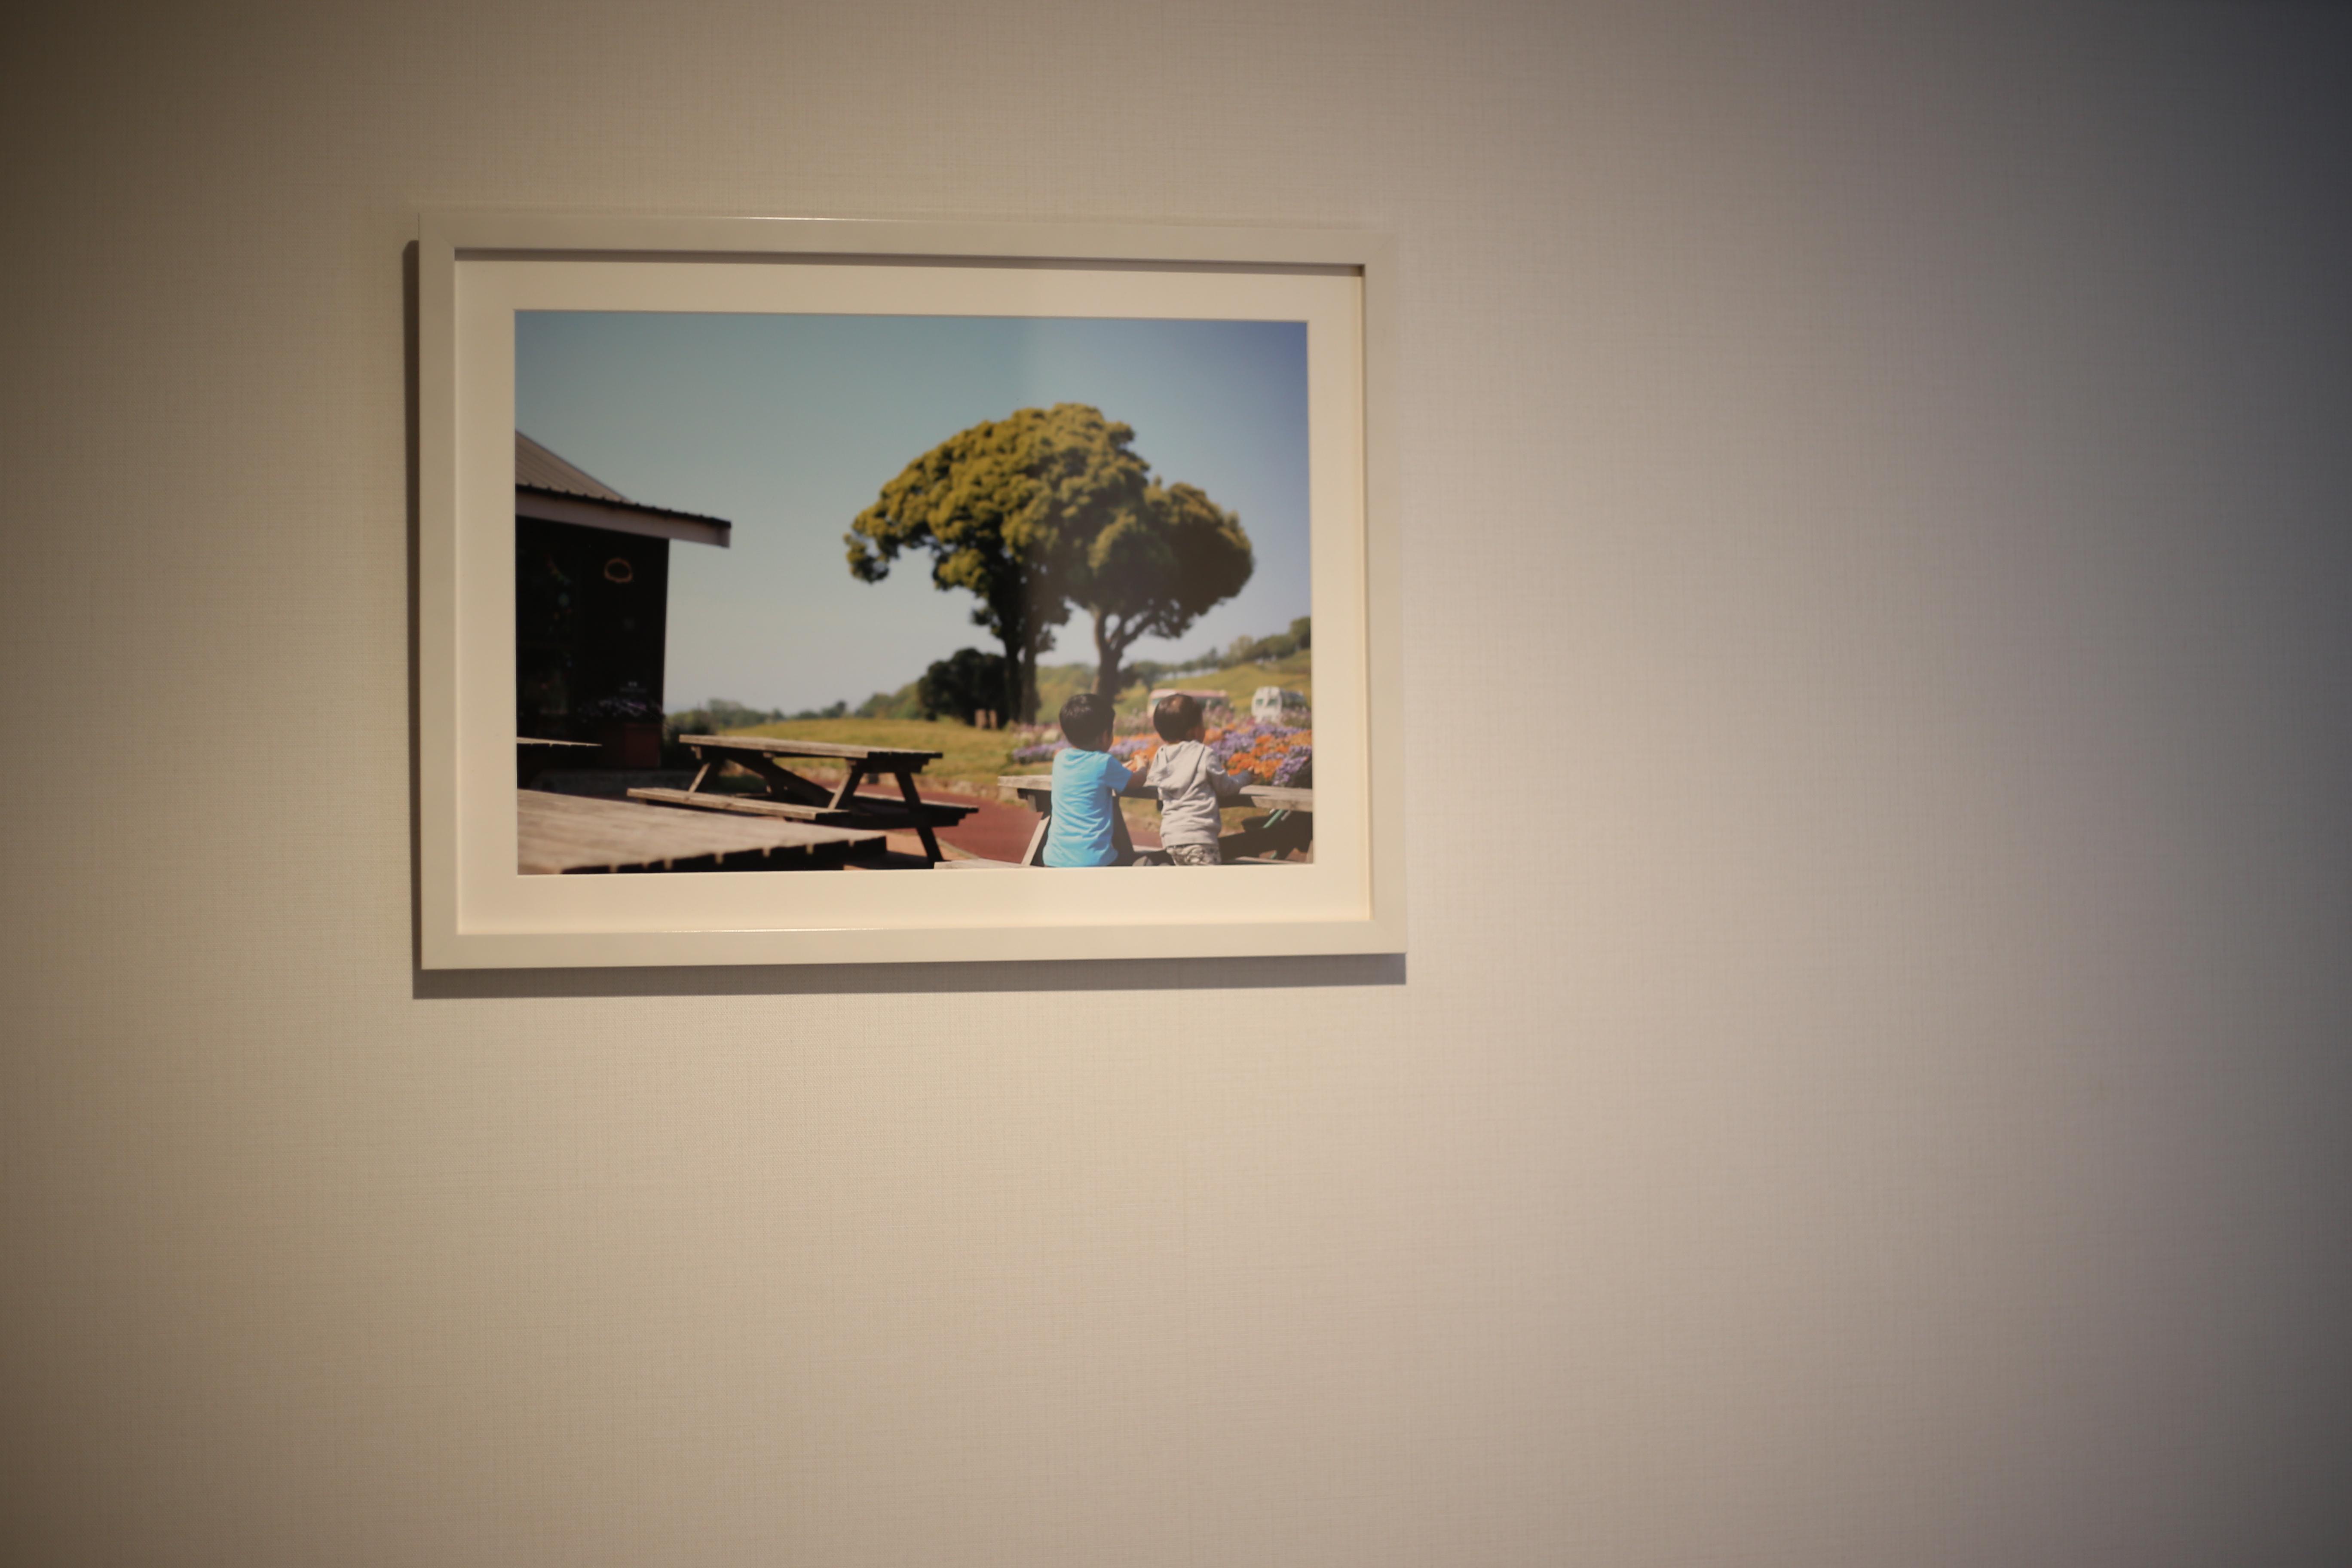 オシャレ部屋への険しい道 A3サイズの写真を飾ったよ